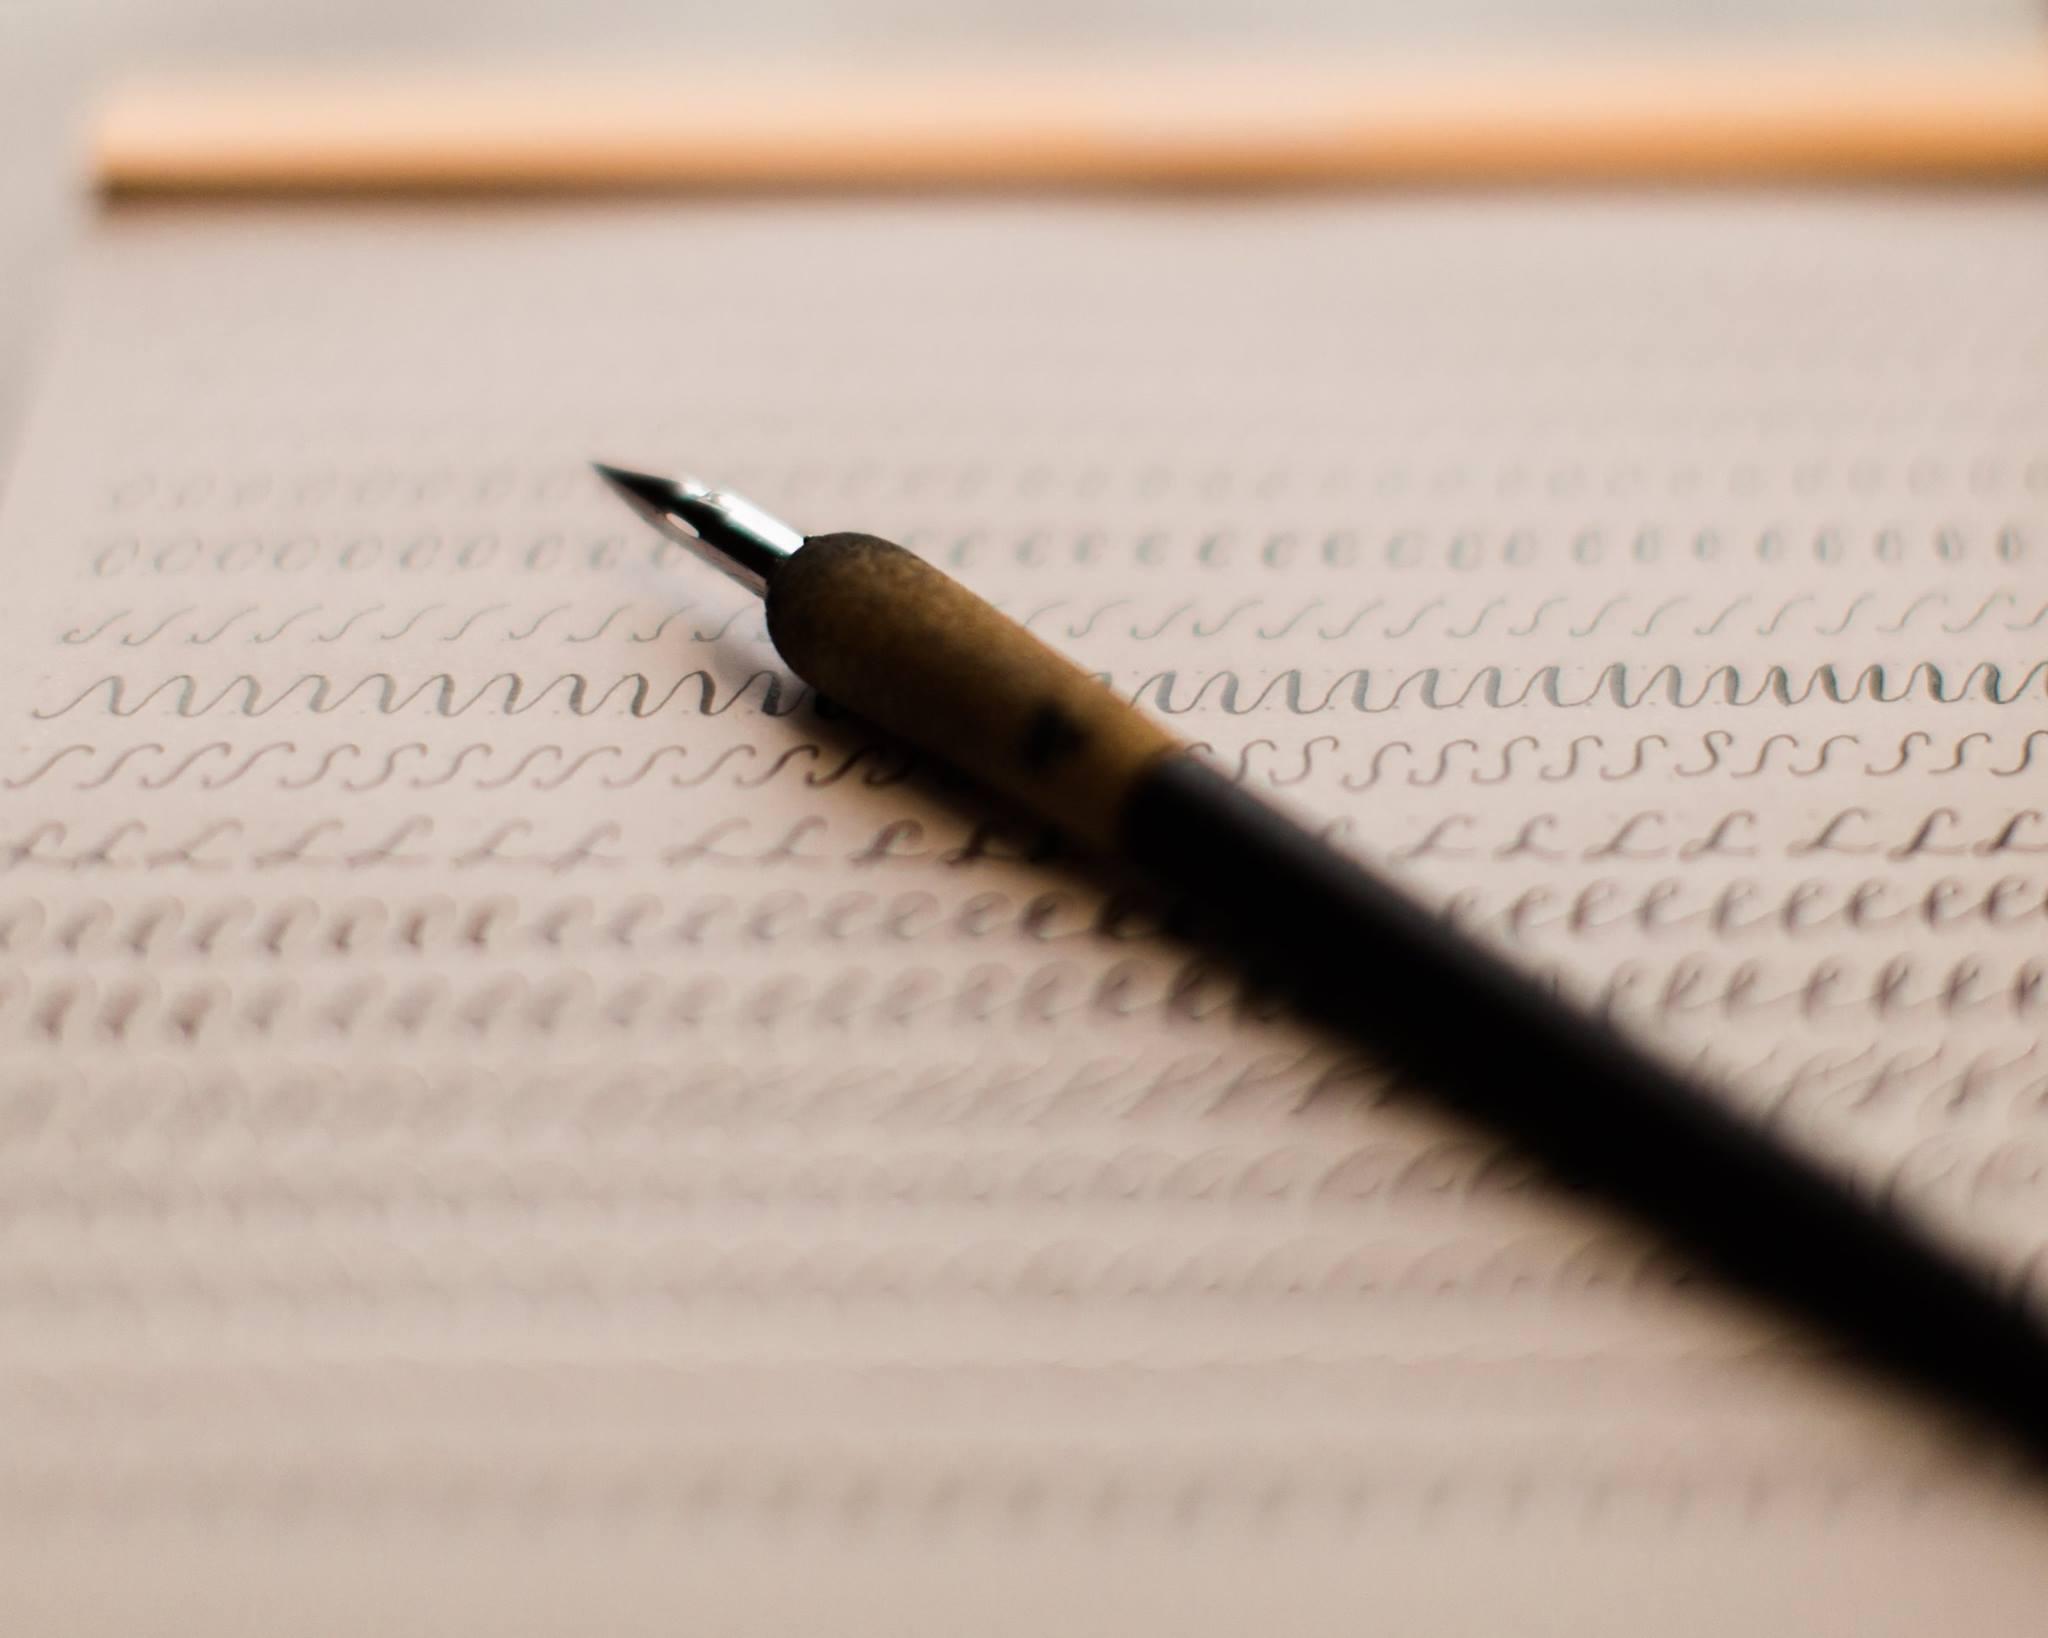 paper-finger-quaint-and-whim-calligraphy-drills-skillshare.jpg